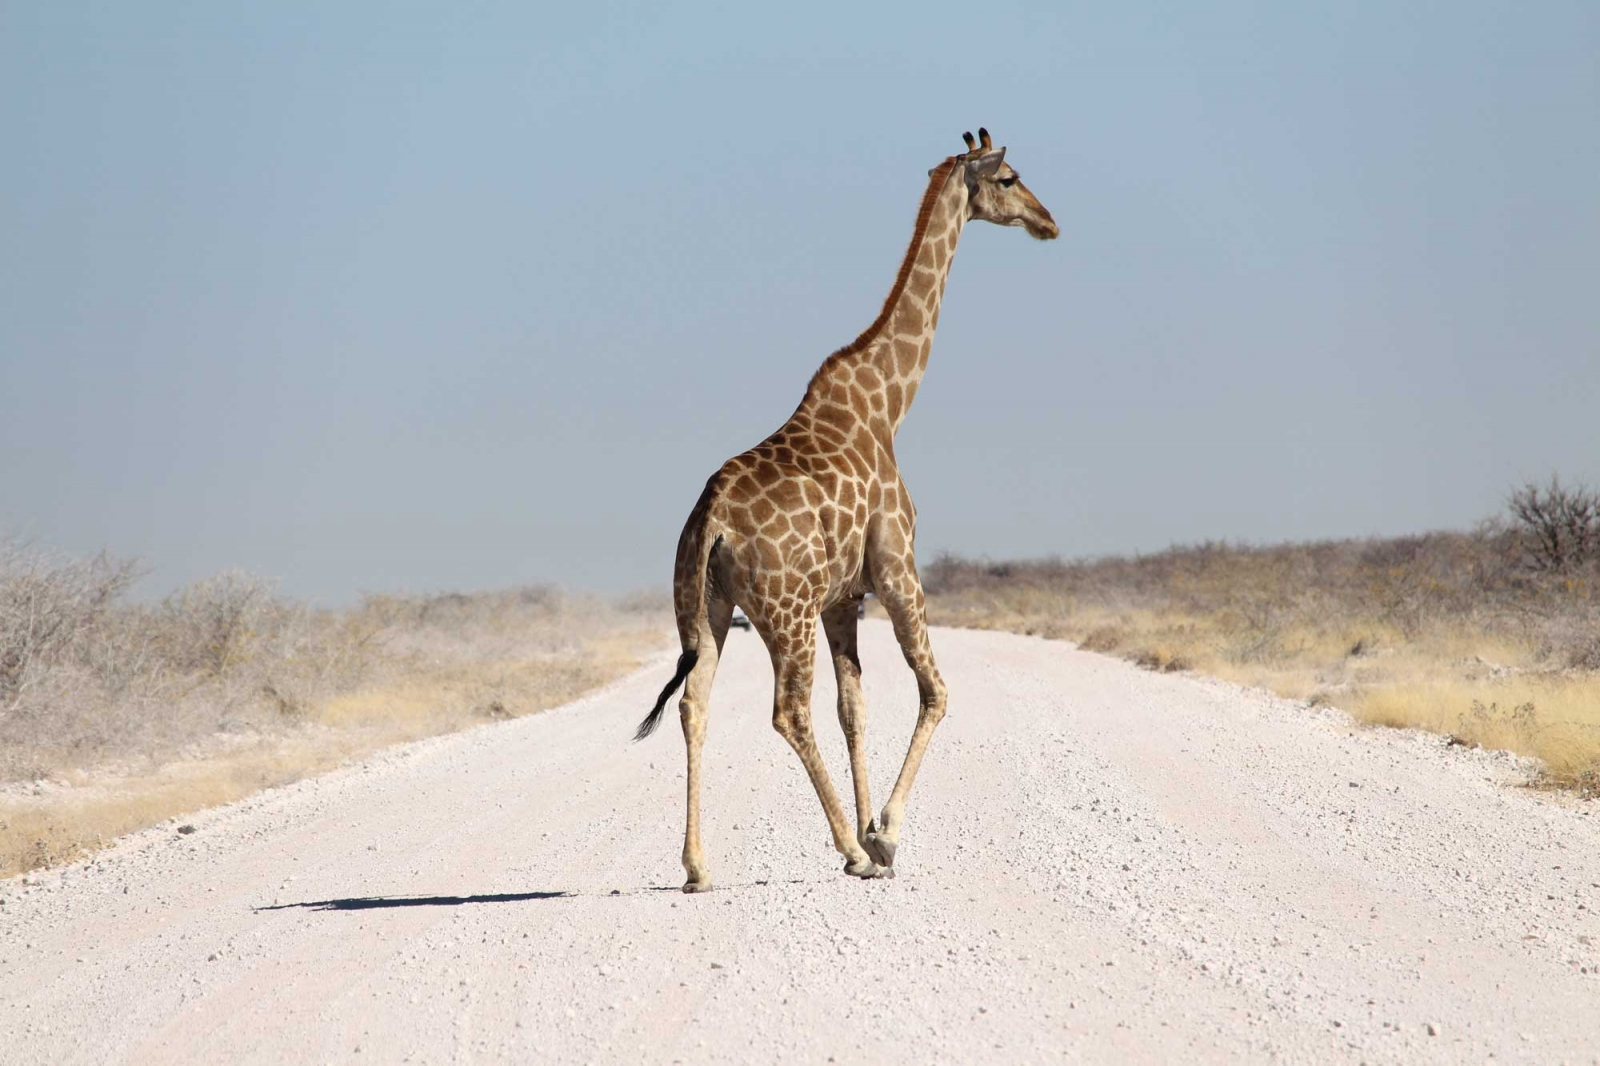 Eine sehr elegante Giraffe